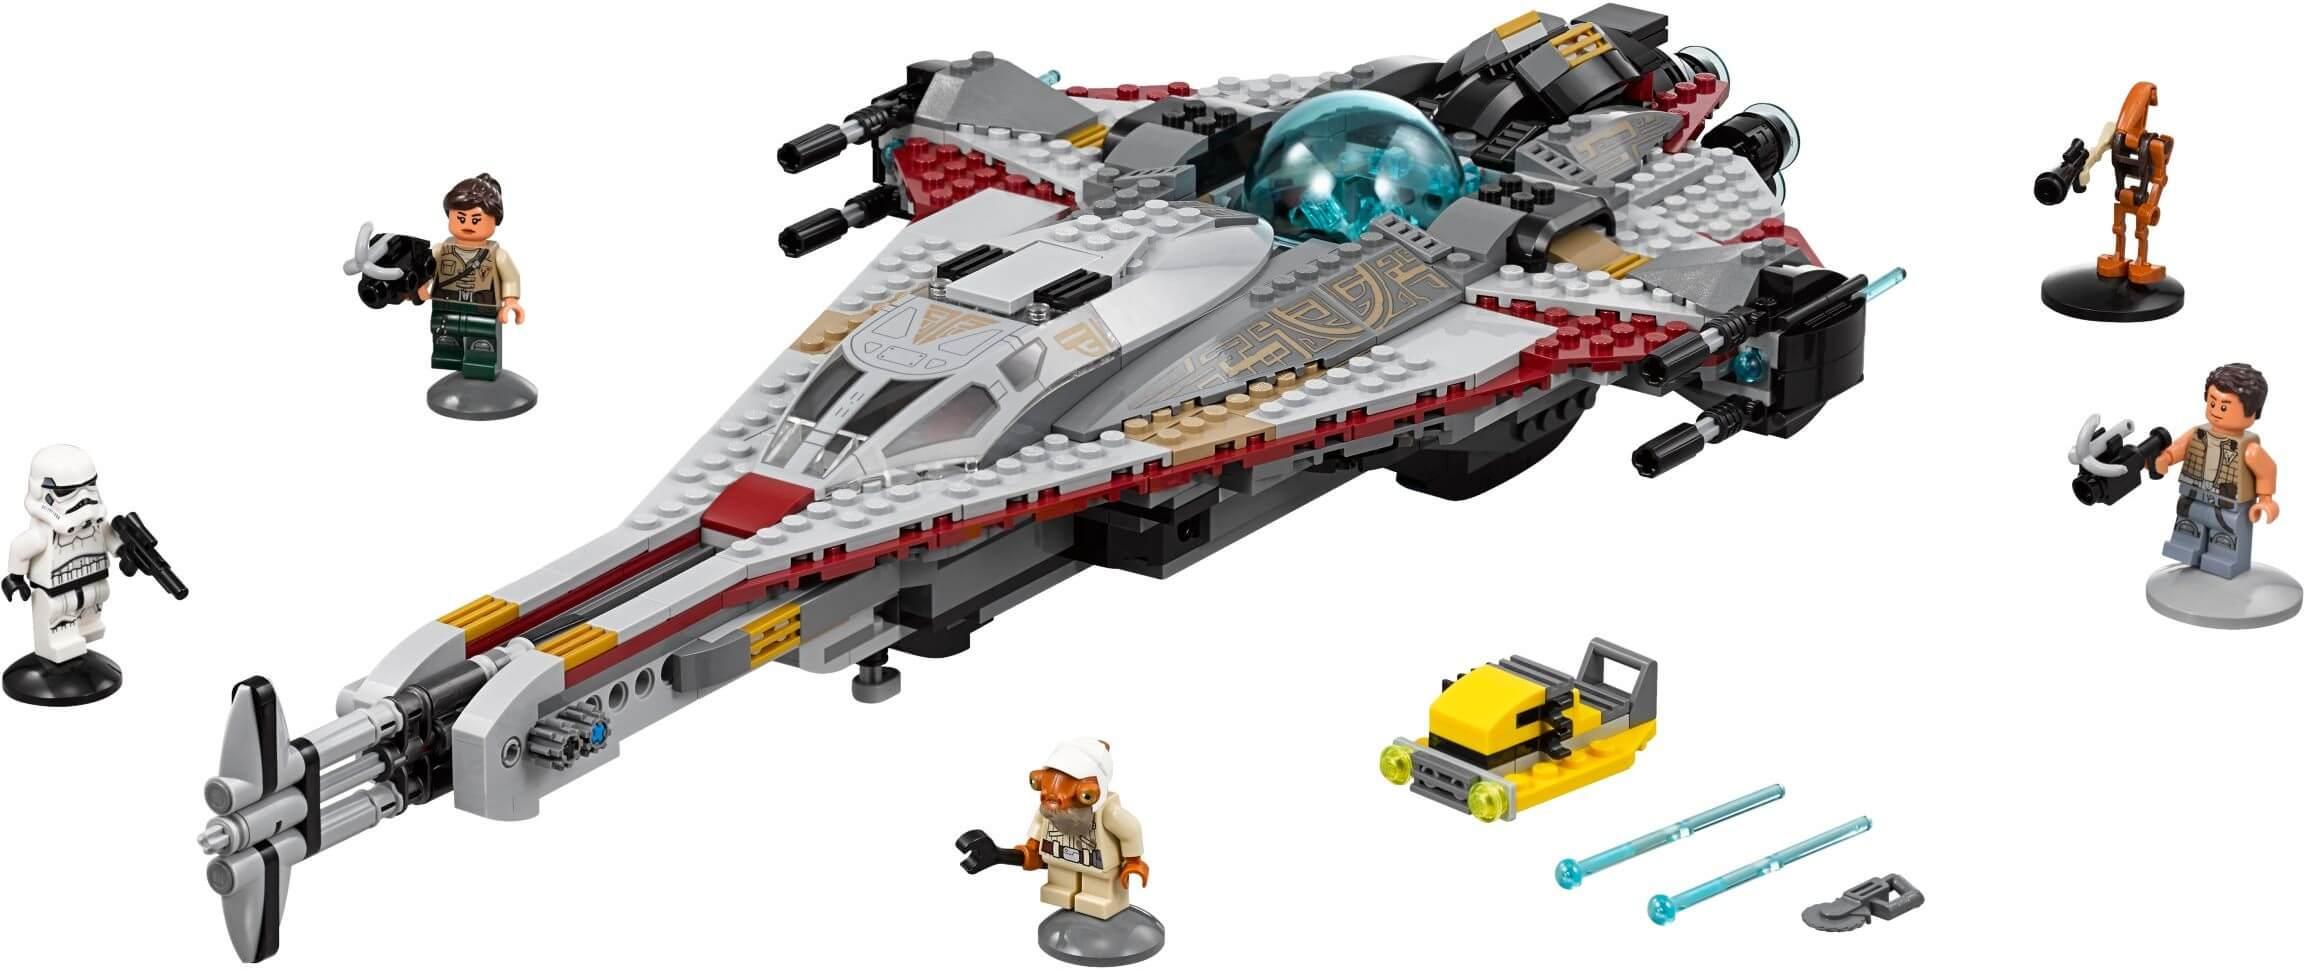 Mua đồ chơi LEGO 75186 - LEGO Star Wars 75186 - Phi Thuyền Arrowhead (LEGO Star Wars The Arrowhead)